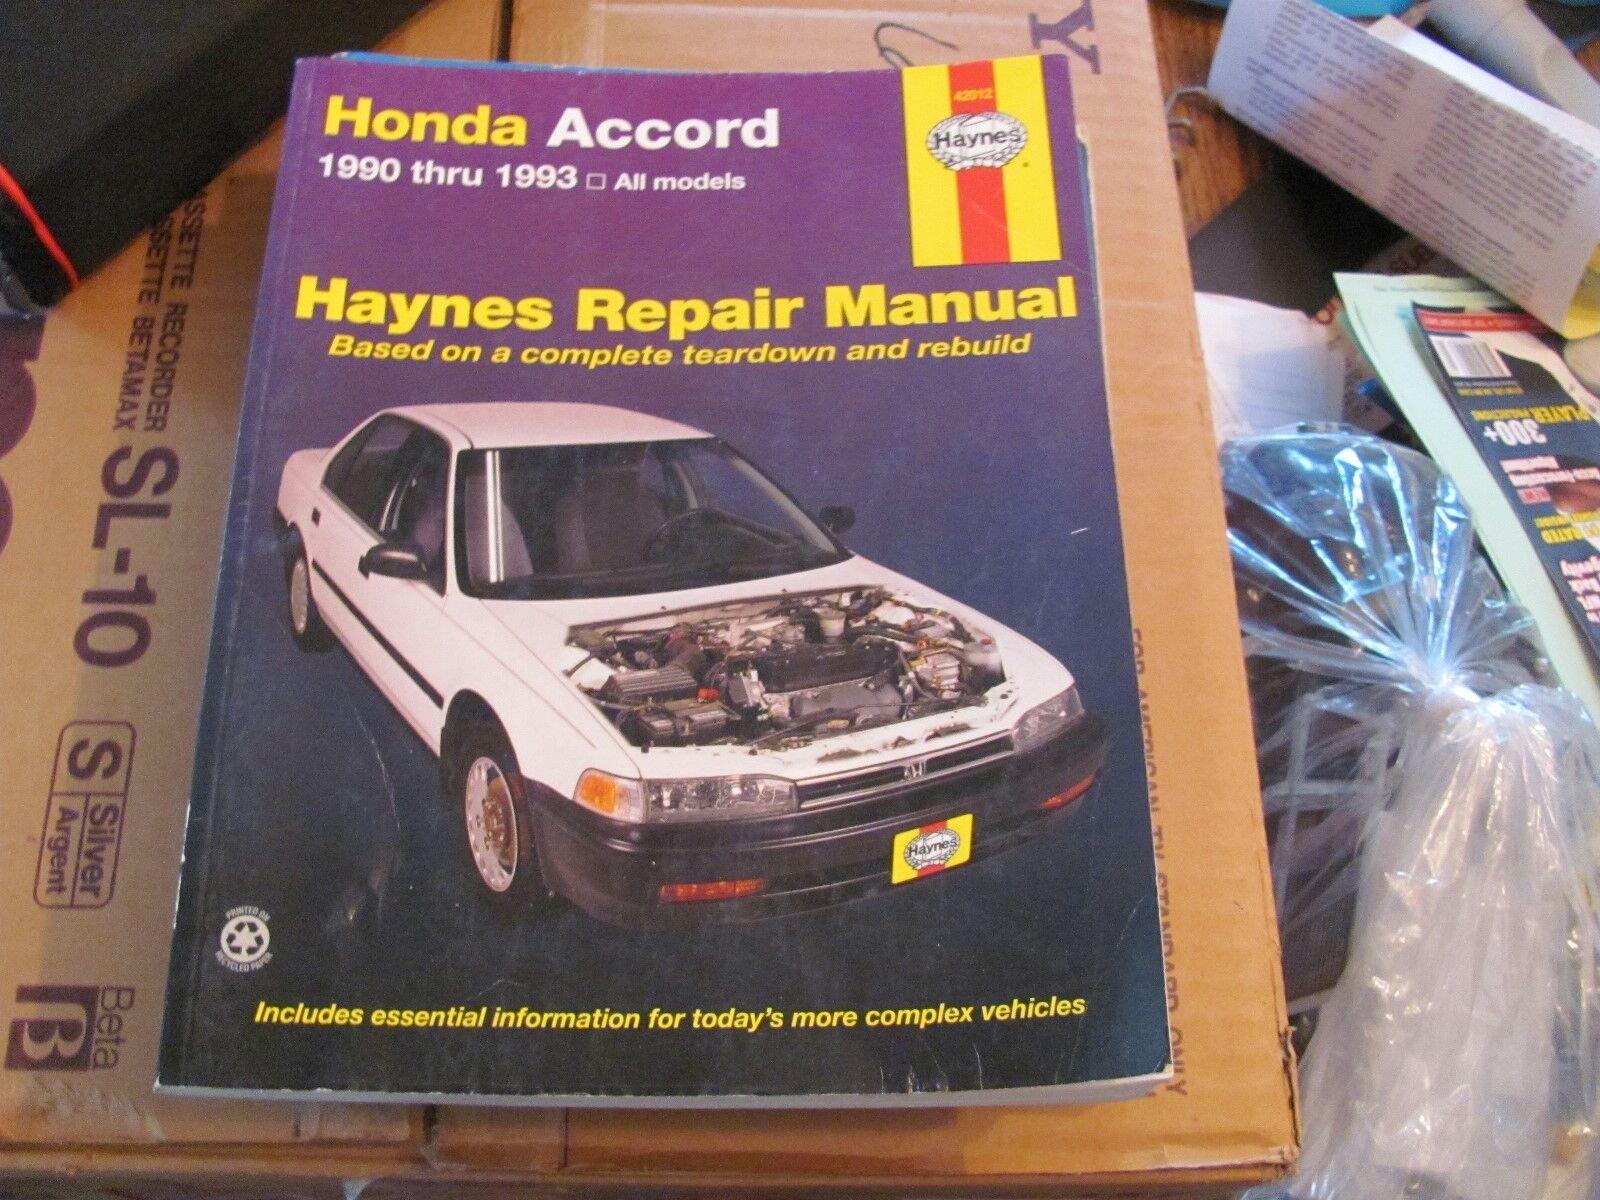 Haynes 42012 Repair Manual Honda Accord 1990 through 1993